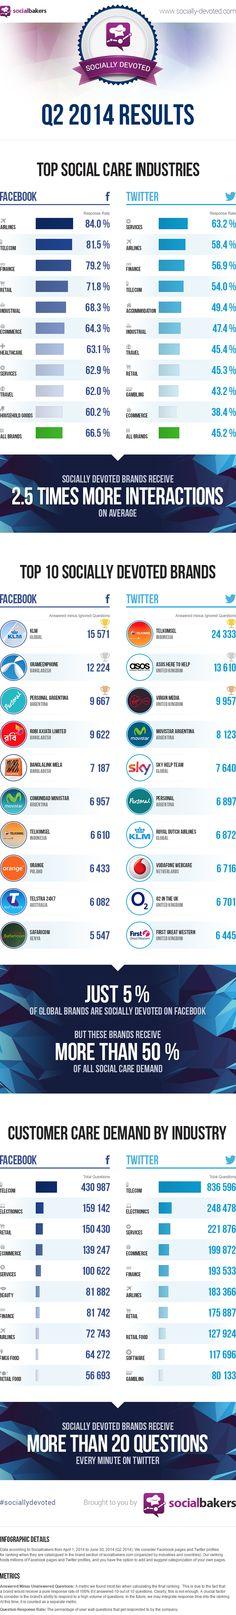 Infográfico revela as 10 marcas mais dedicadas ao consumidor no Twitter e no Fb